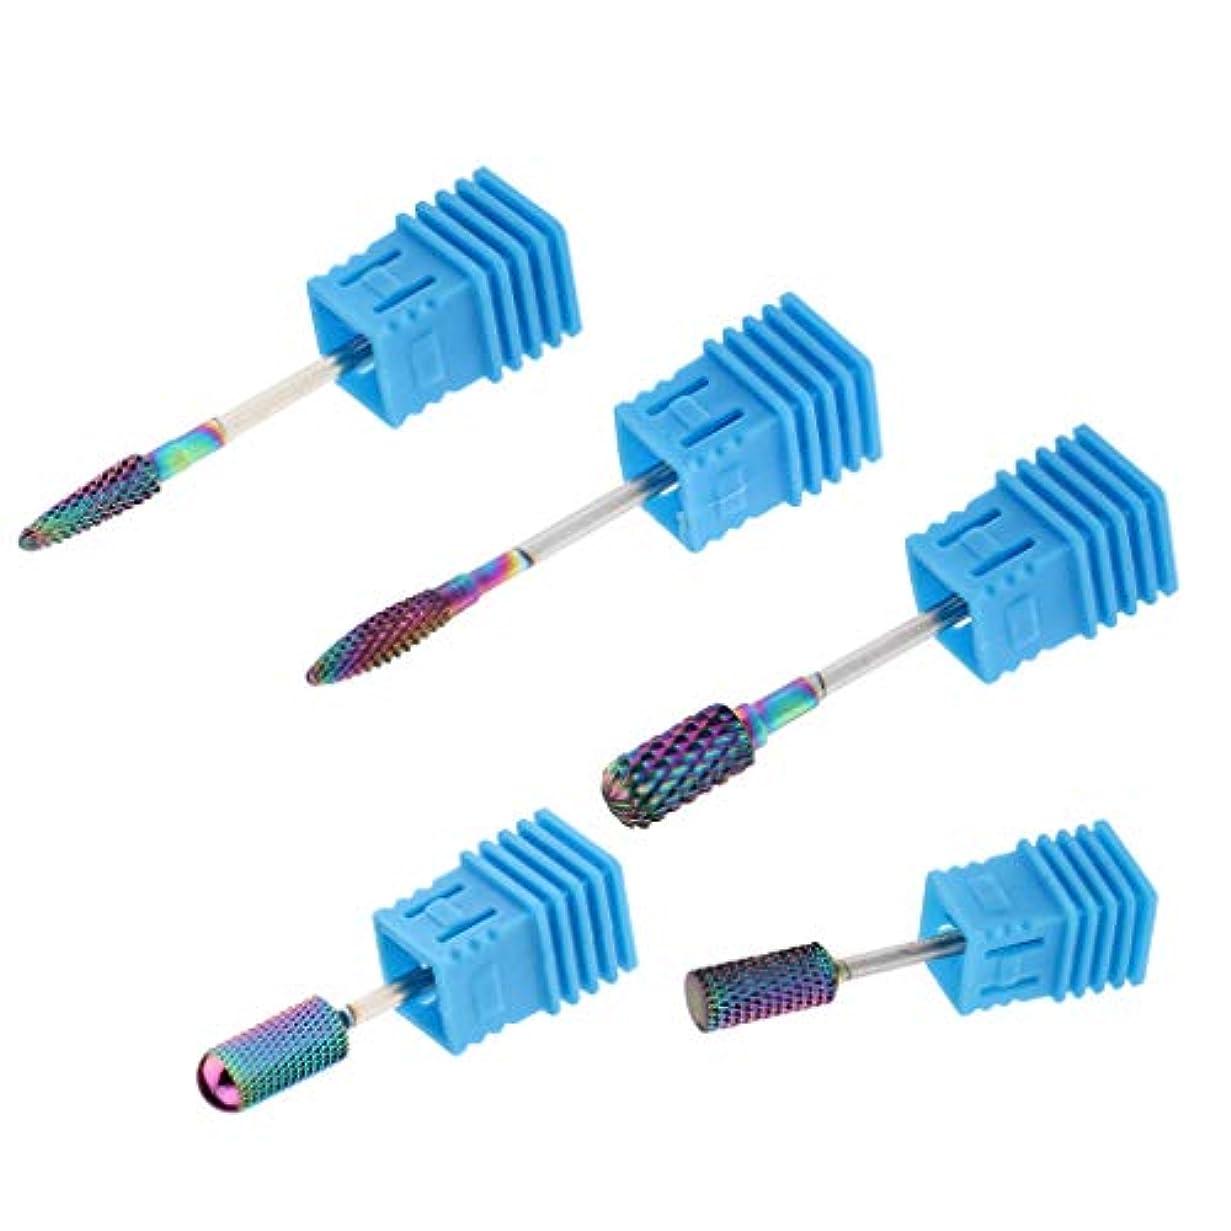 規定文献若さSM SunniMix 陶磁器ドリルビット ネイルドリルビット ロータリーファイル 研削ネイル 切削工具 耐摩耗性 5個入